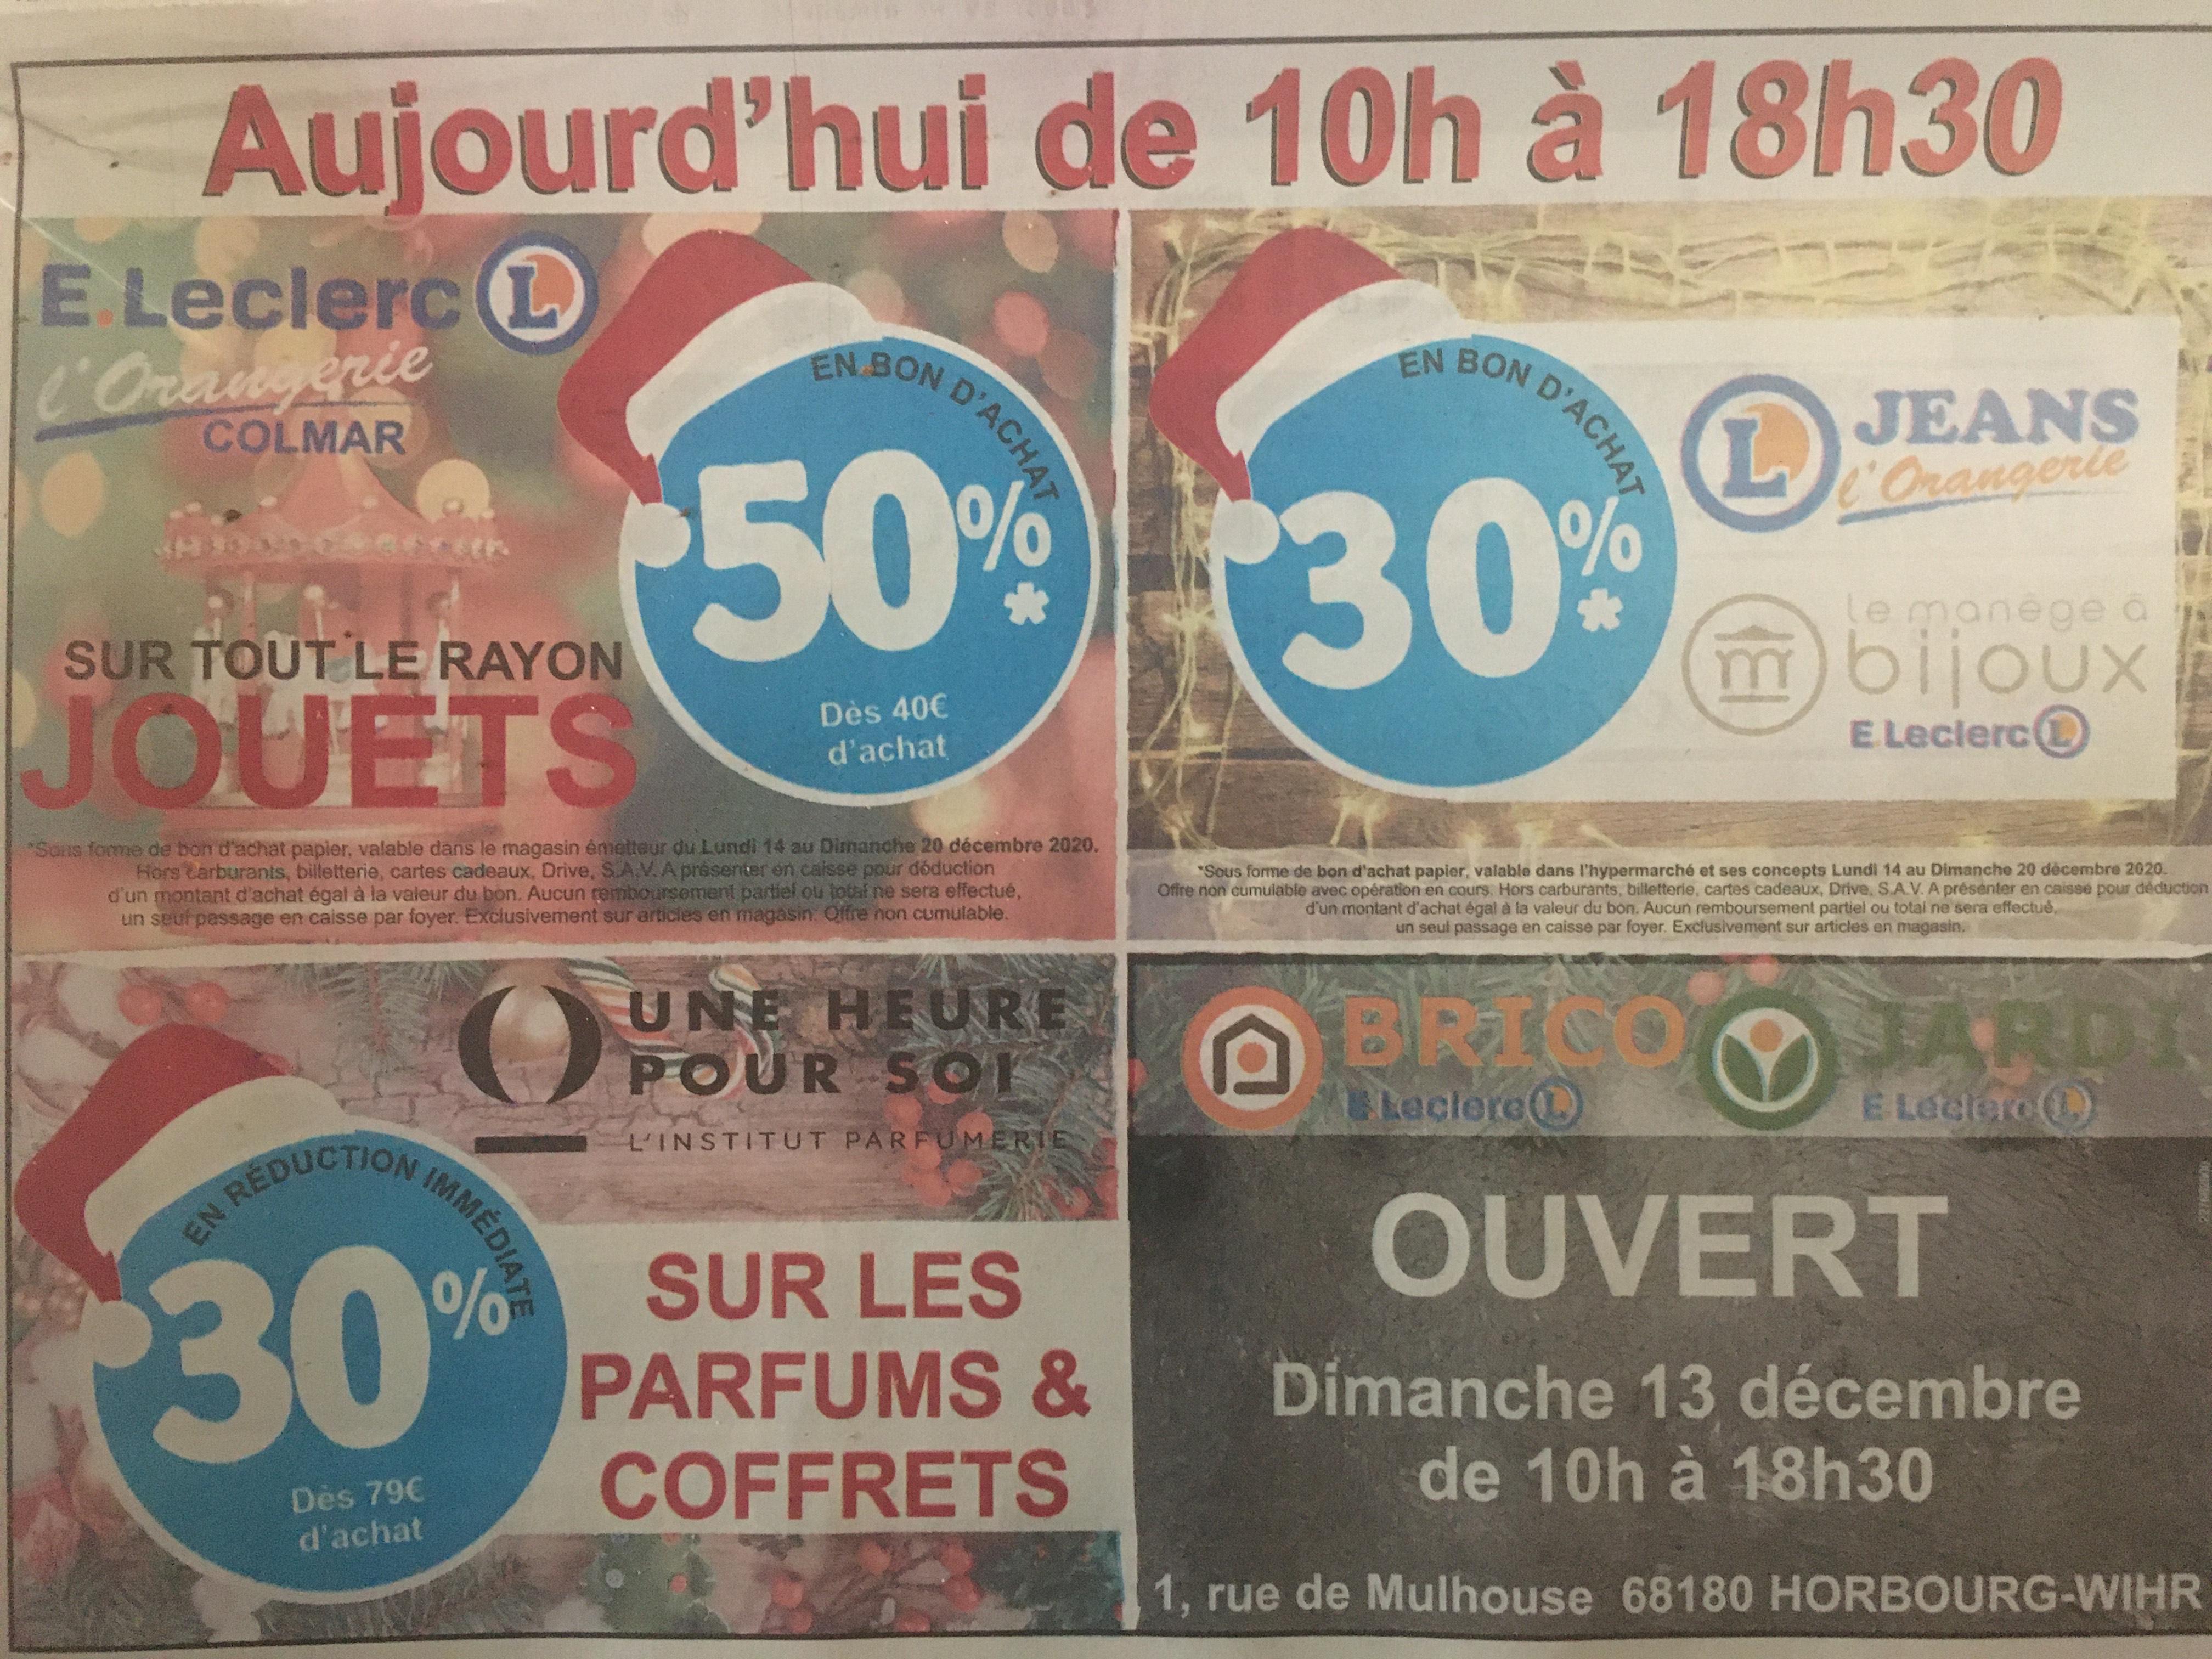 Sélection d'offres promotionnelles - Ex: 50% dès 40€ d'achat surs les jouets - Colmar Orangerie (68)